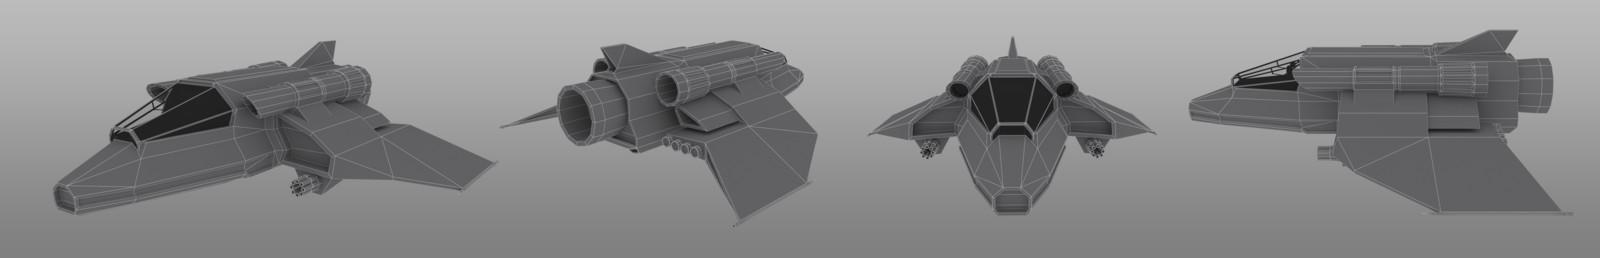 Wireframe renders